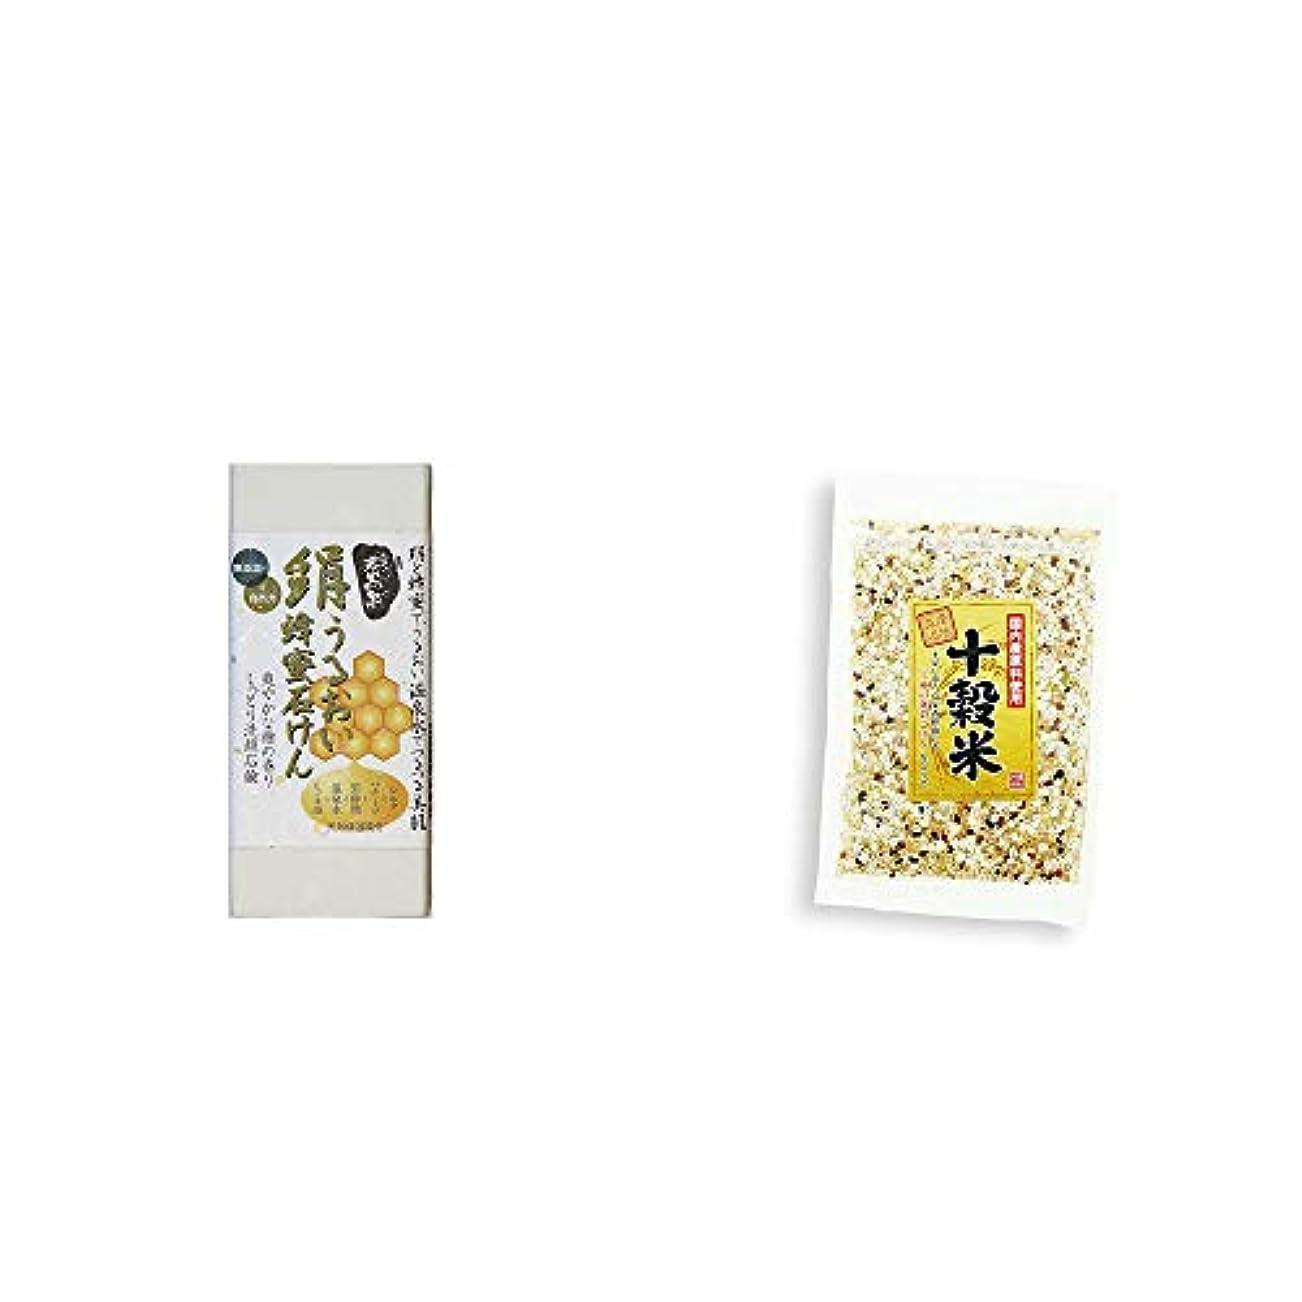 砂圧縮するブリッジ[2点セット] ひのき炭黒泉 絹うるおい蜂蜜石けん(75g×2)?国産原料使用 十穀米(300g)